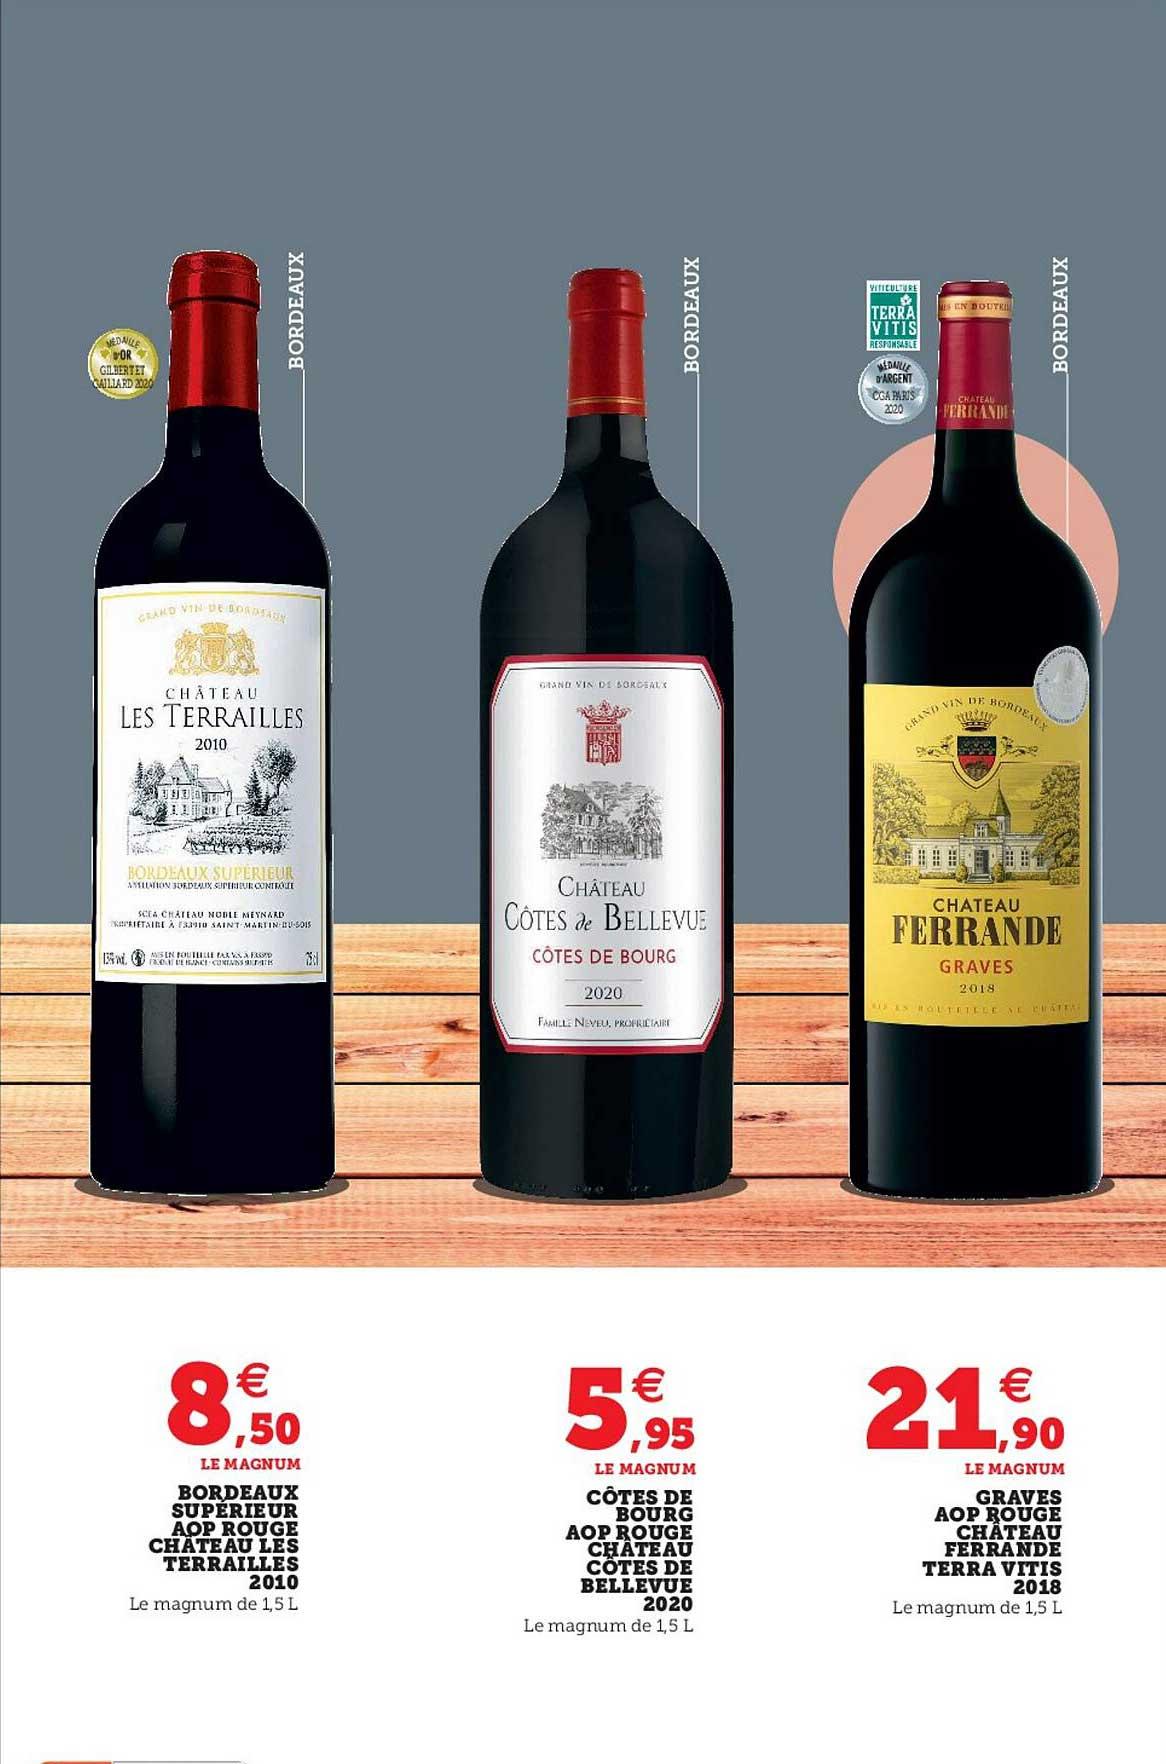 Super U Bordeaux Supérieur Aop Rouge Château Les Terrailles 2010, Côtes De Bourg Aop Rouge Château Côtes De Bellevue 2020, Graves Aop Rouge Château Ferrande Terra Vitis 2018